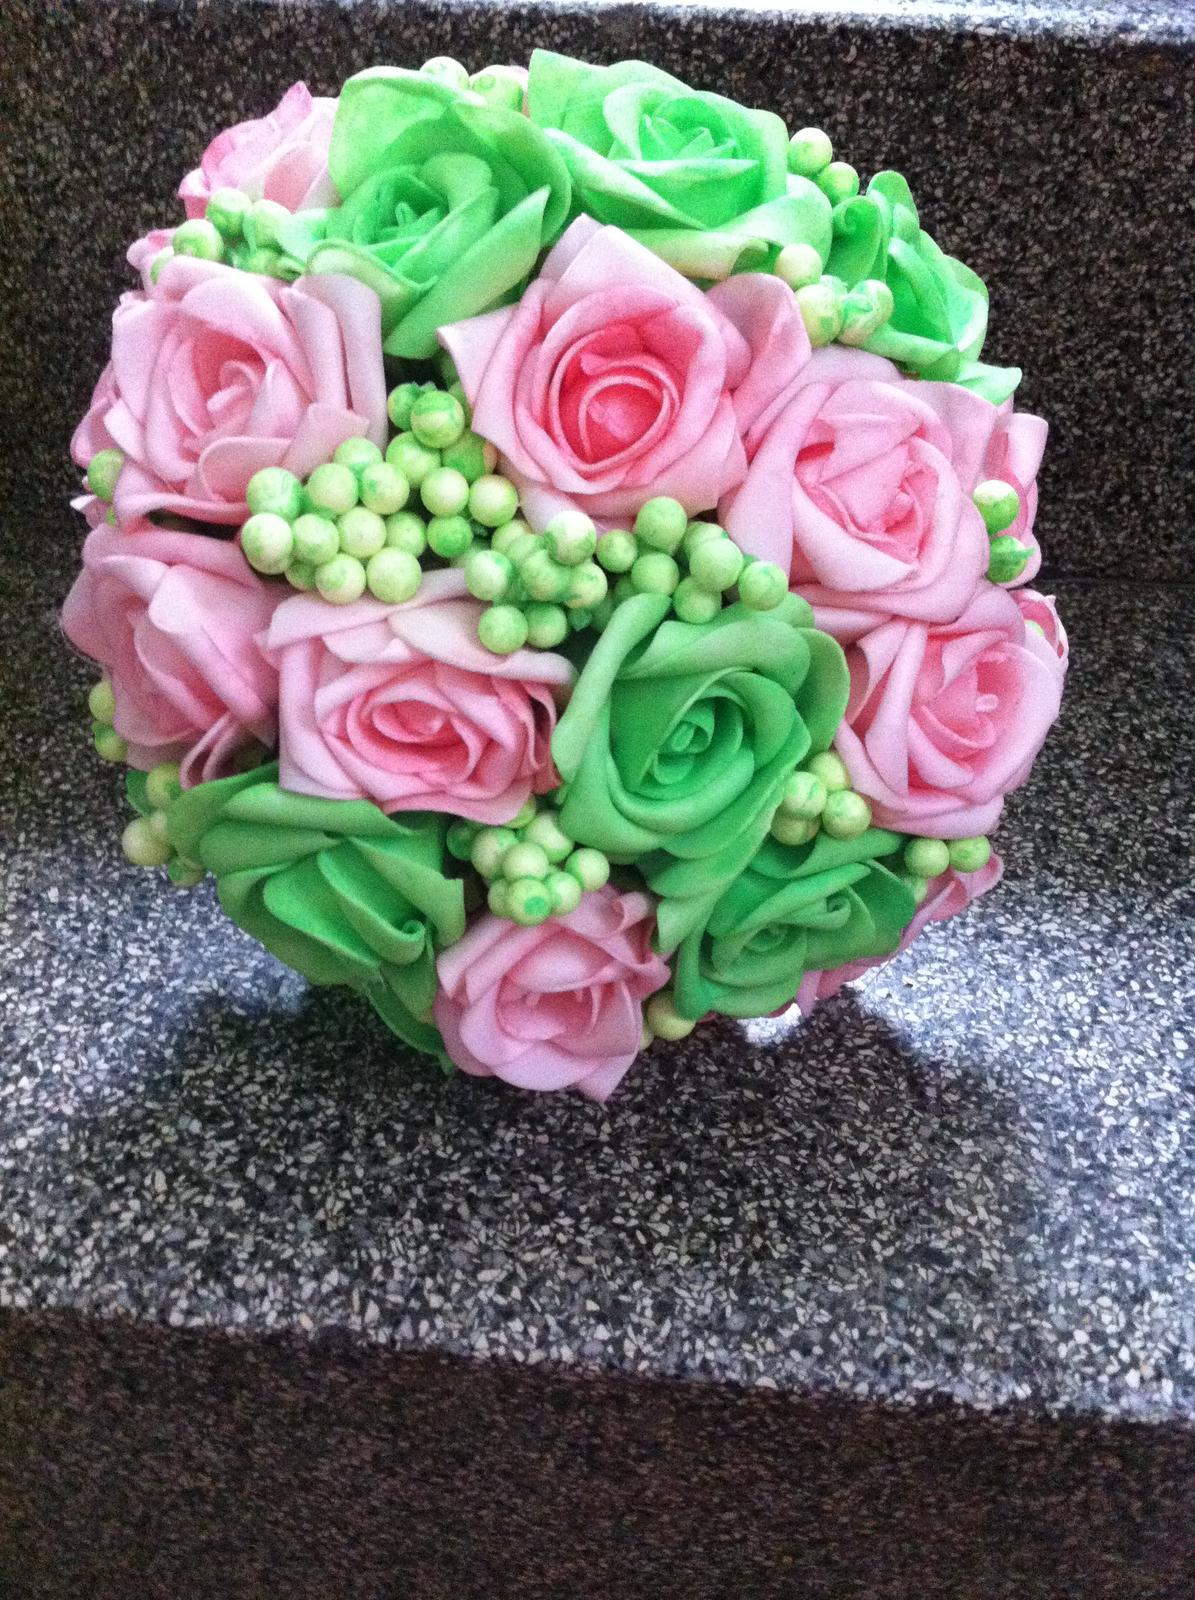 Netradiční svatební kytice - pěnové růžičky + polštářky pod prstýnky, košíčky - Obrázek č. 68